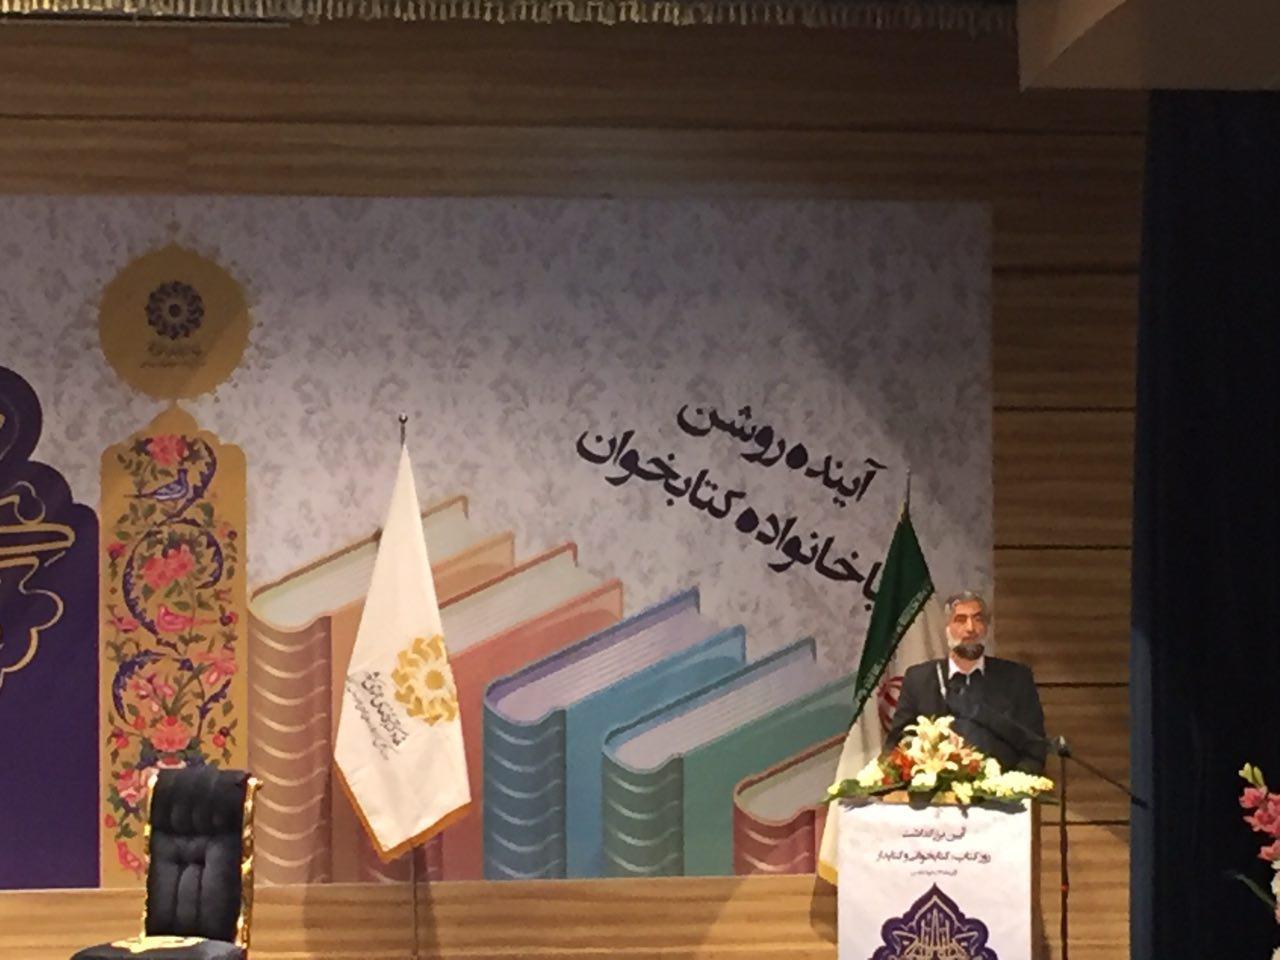 افزایش 17درصدی عضویت در کتابخانه های خراسان رضوی